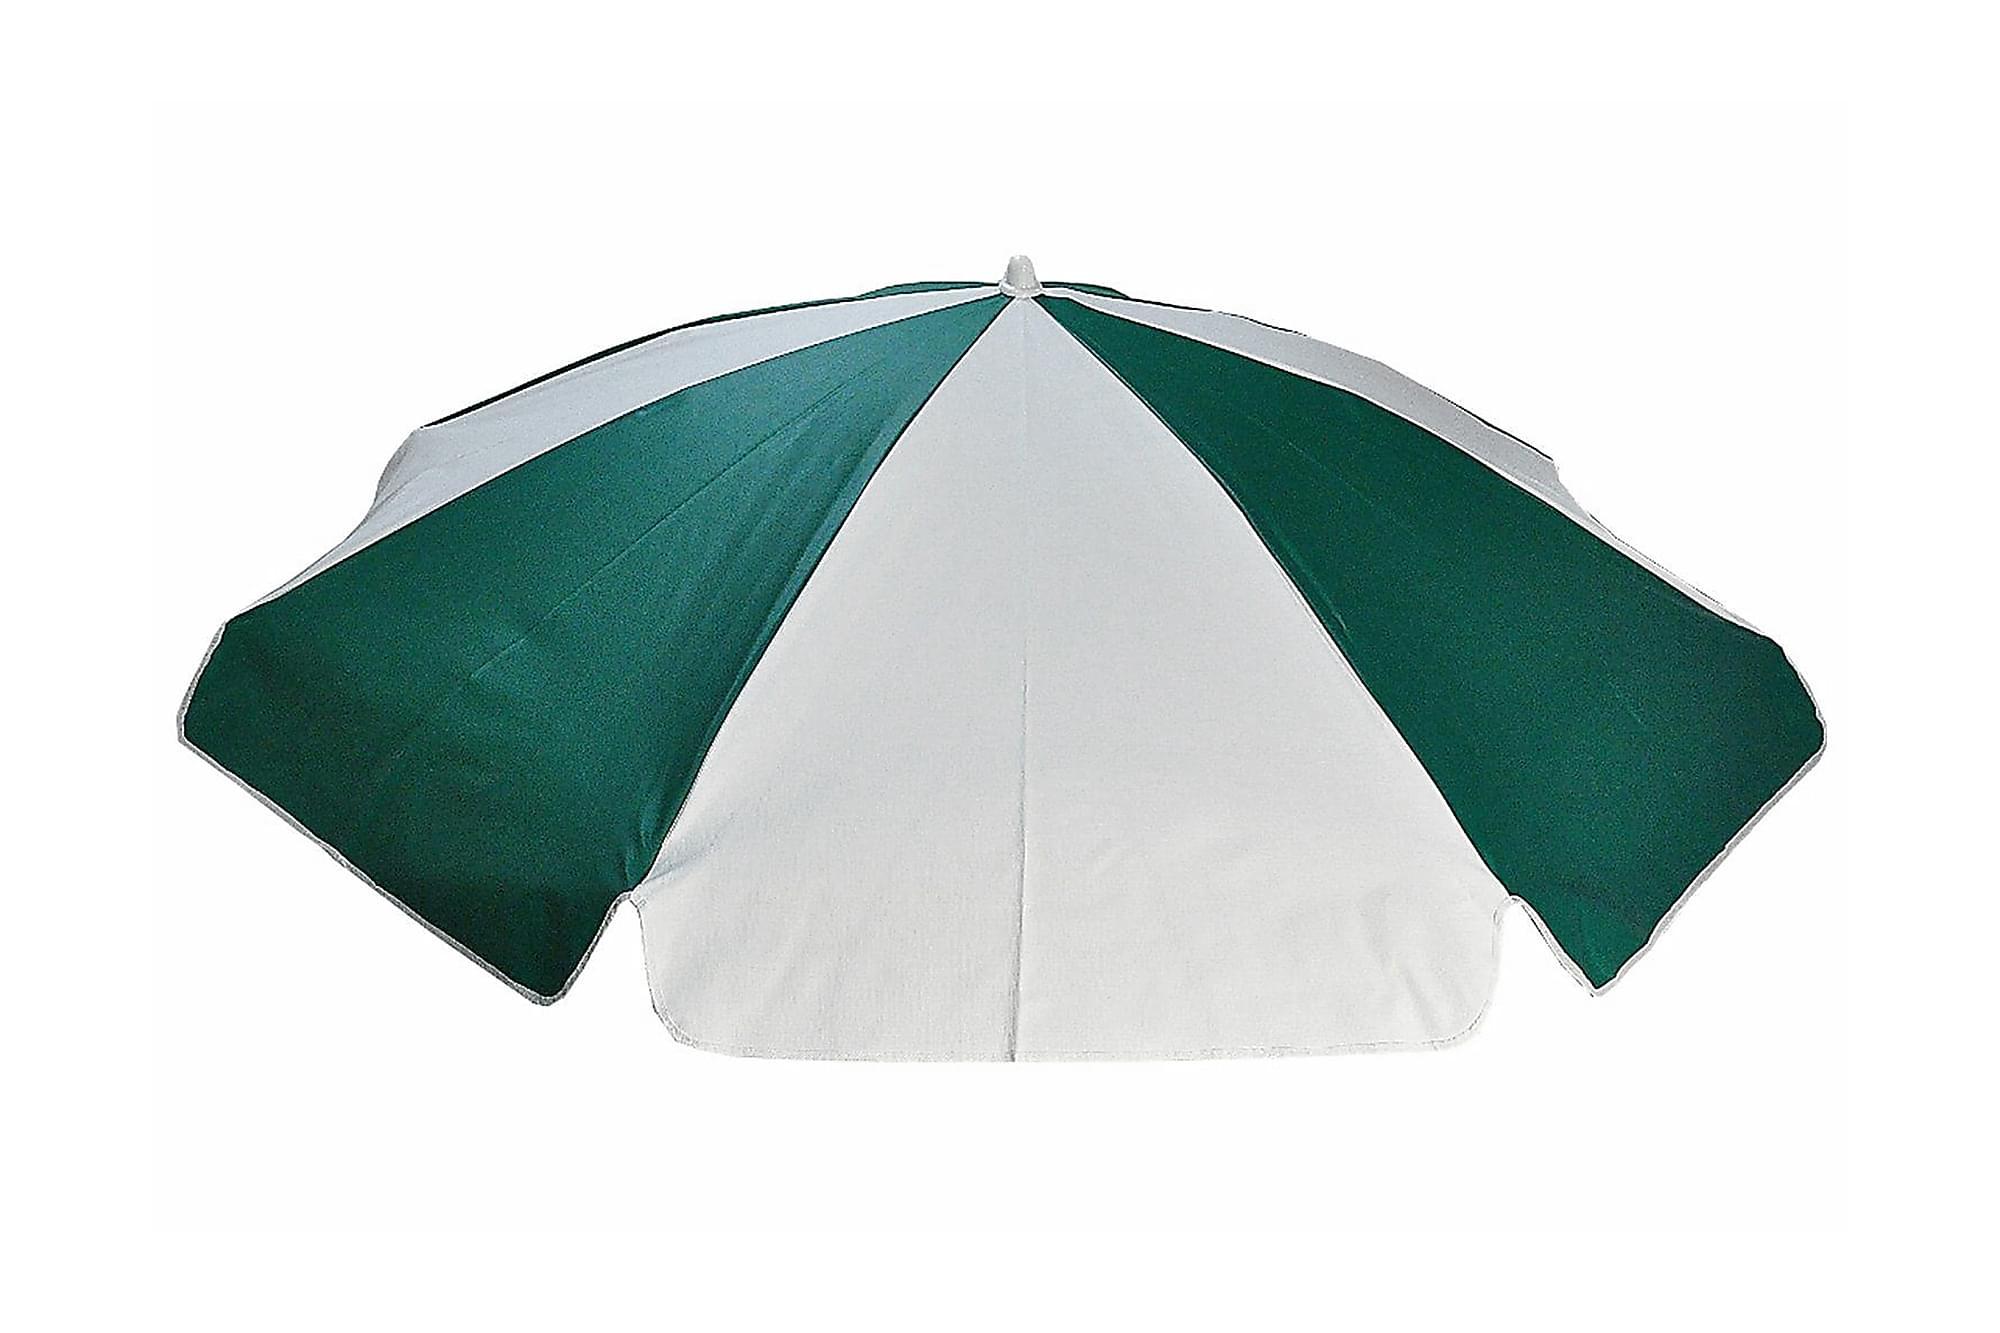 FRITAB Parasoll 180 Grön/Vit, Parasoll